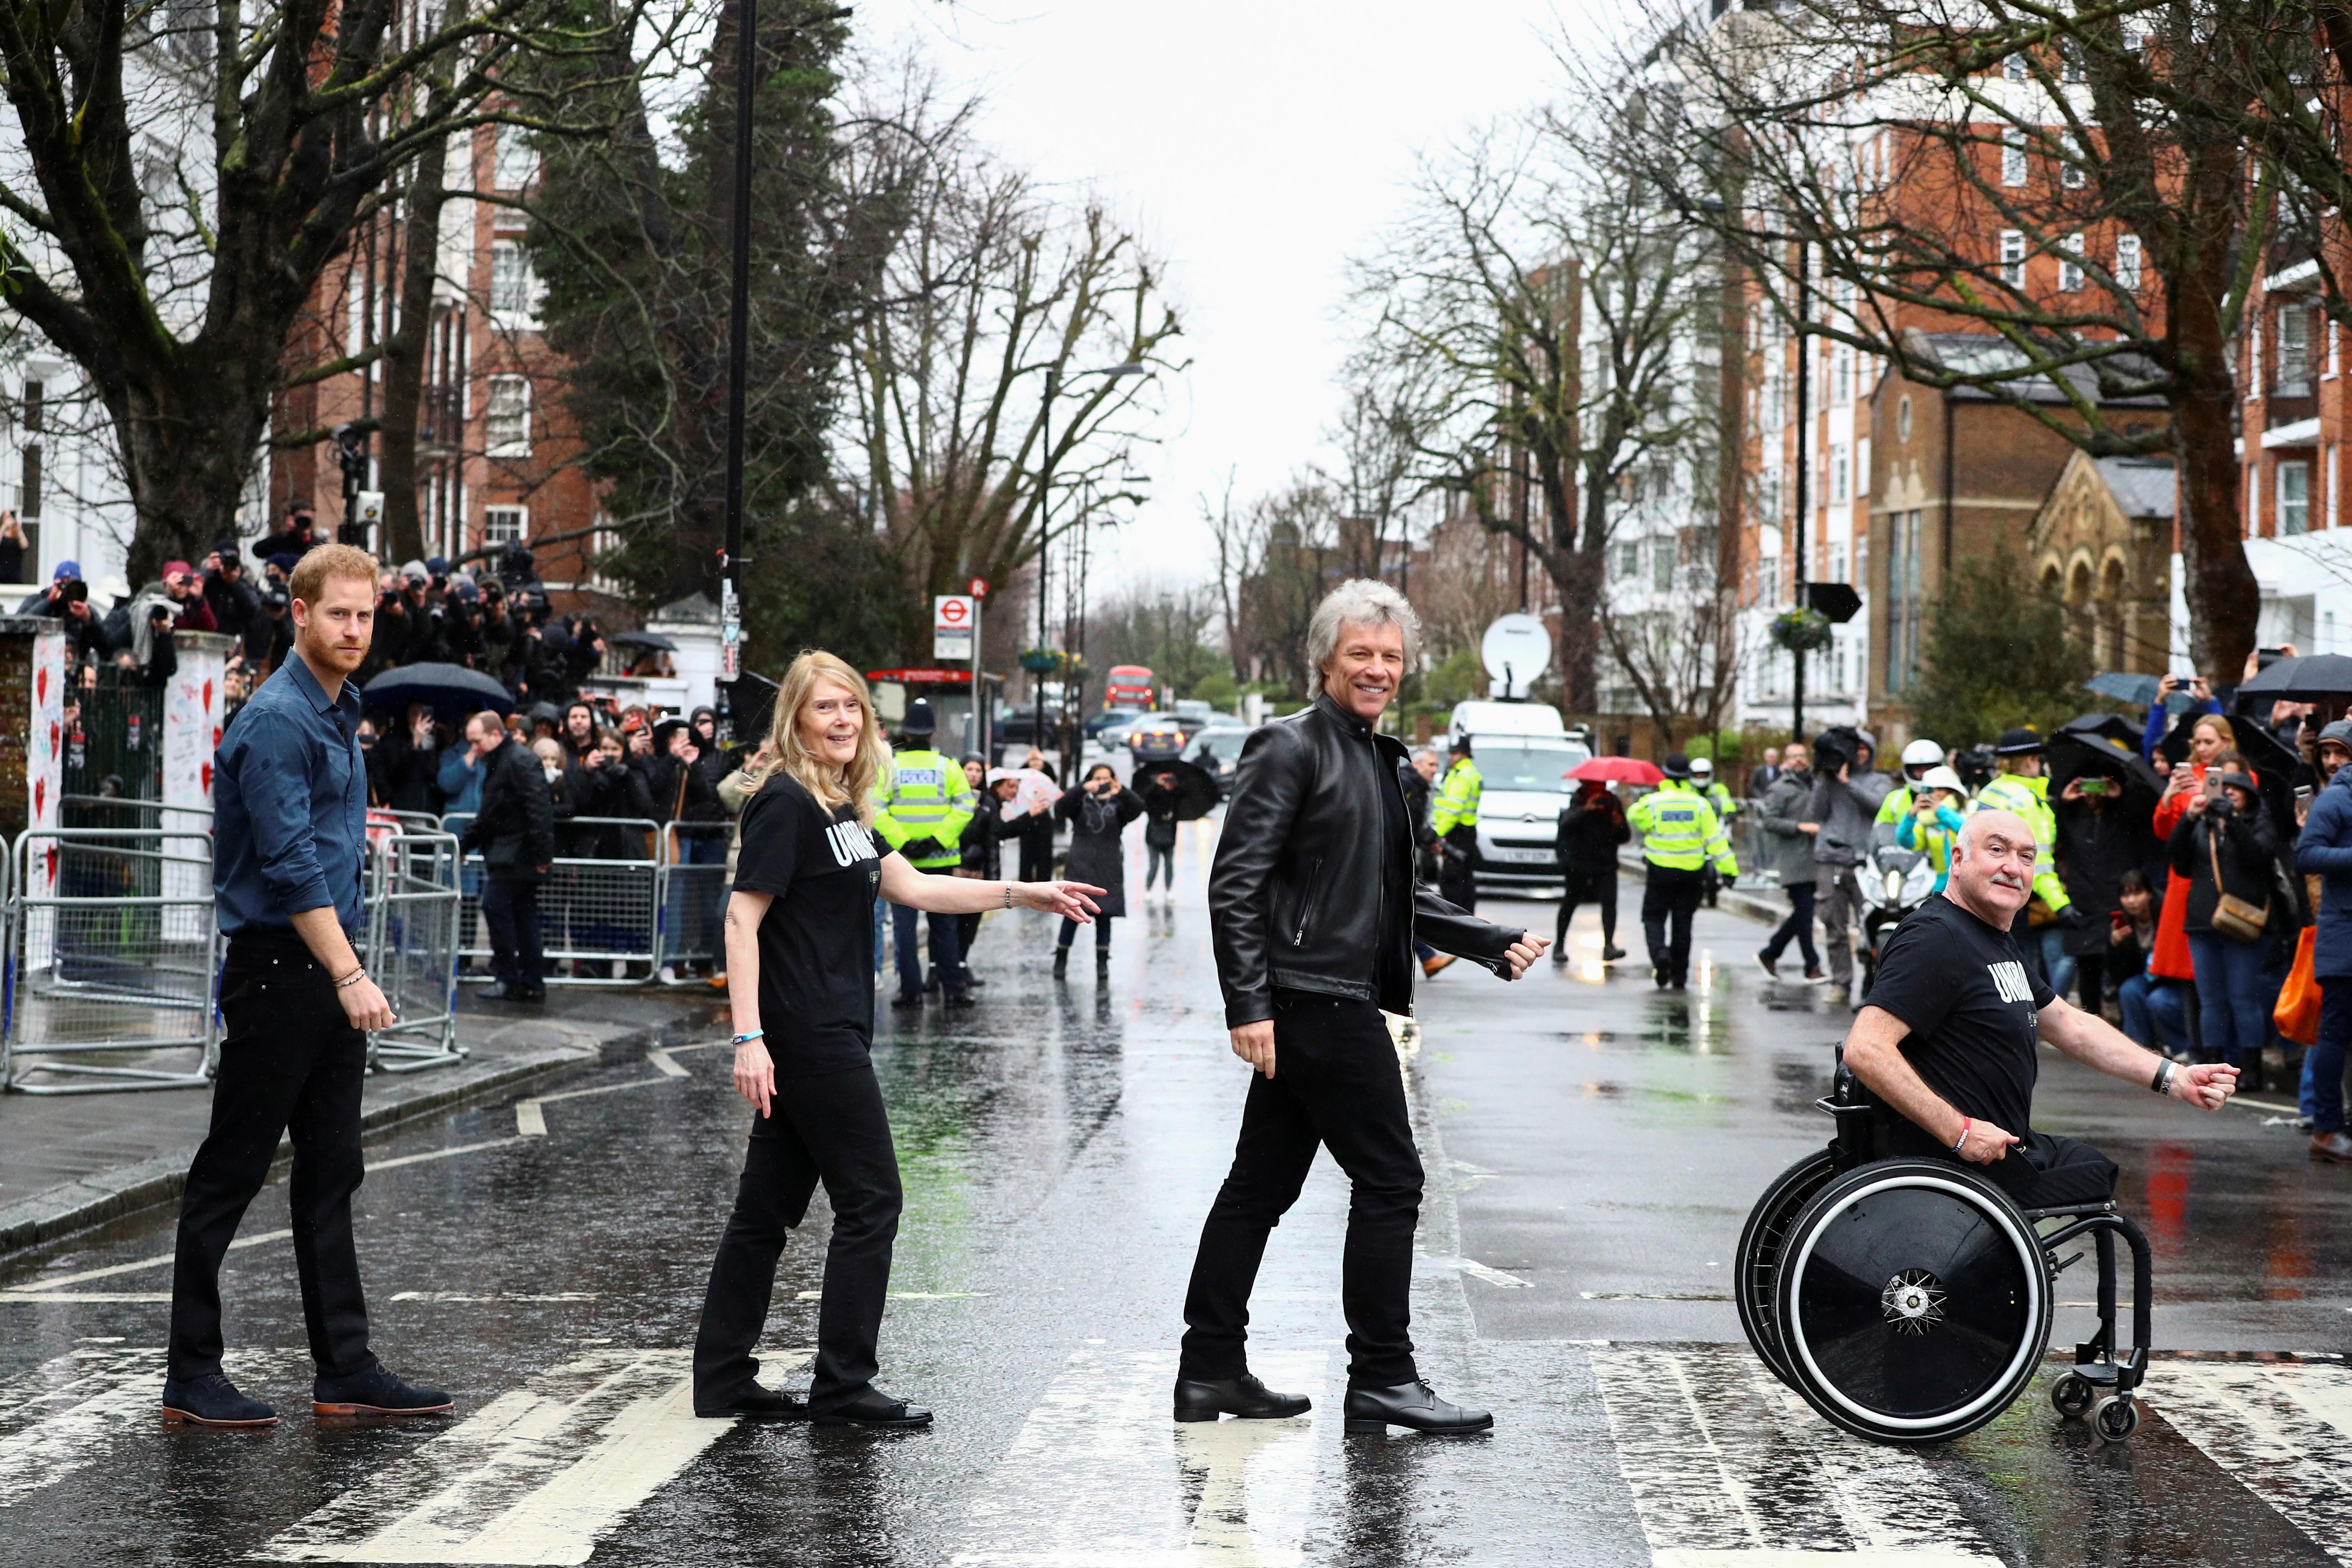 Príncipe Harry e Jon Bon Jovi recriam capa de disco dos Beatles em Abbey Road